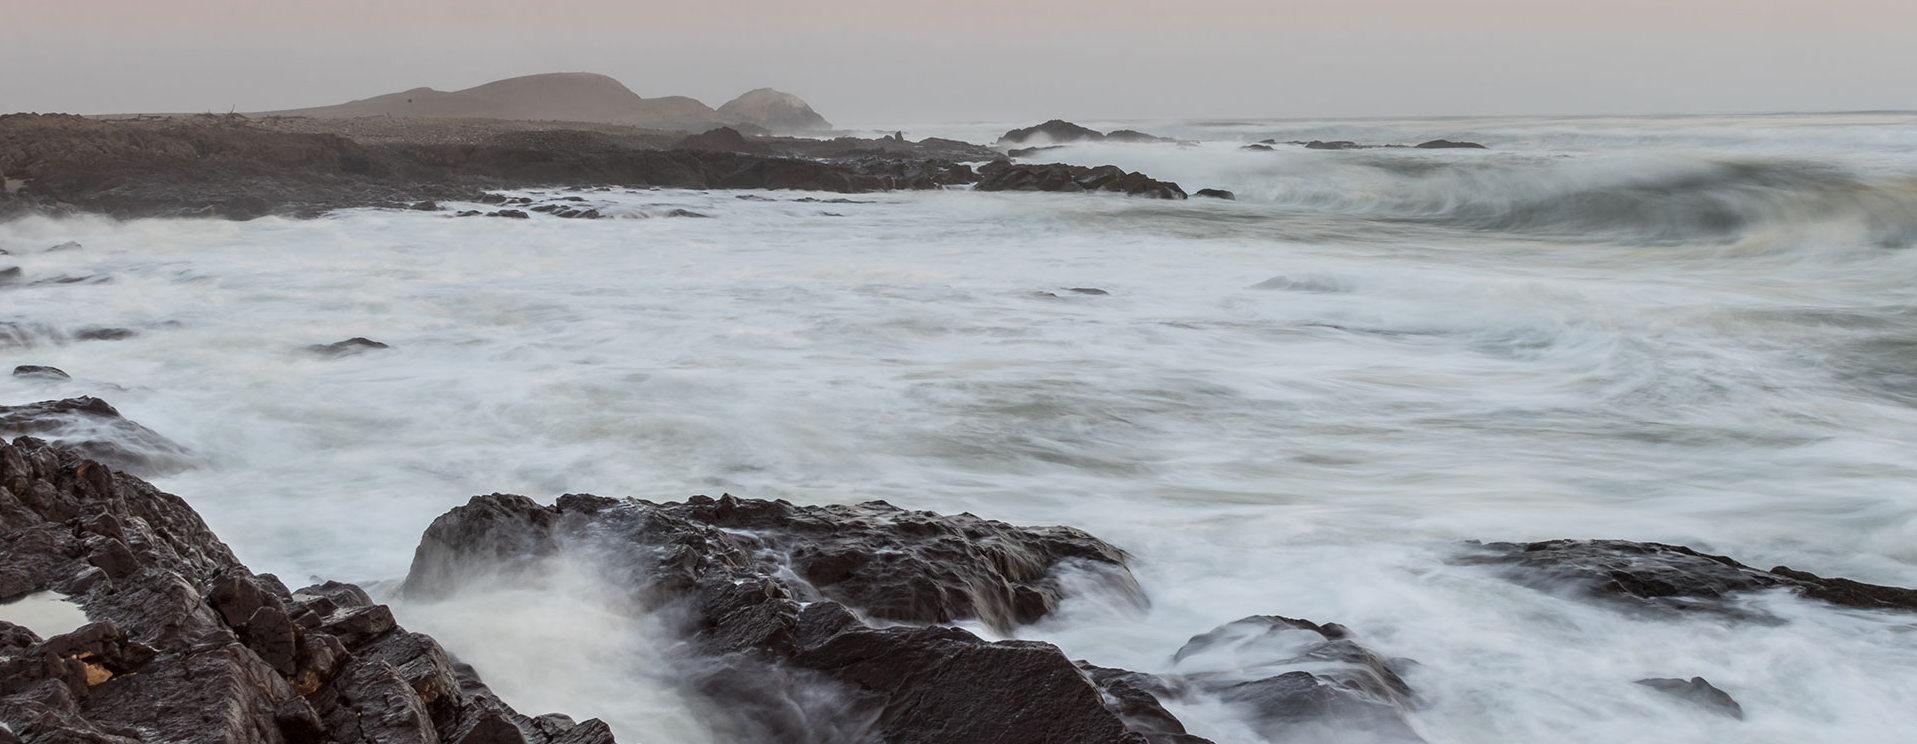 skeleton-coast-sea-view-namibia